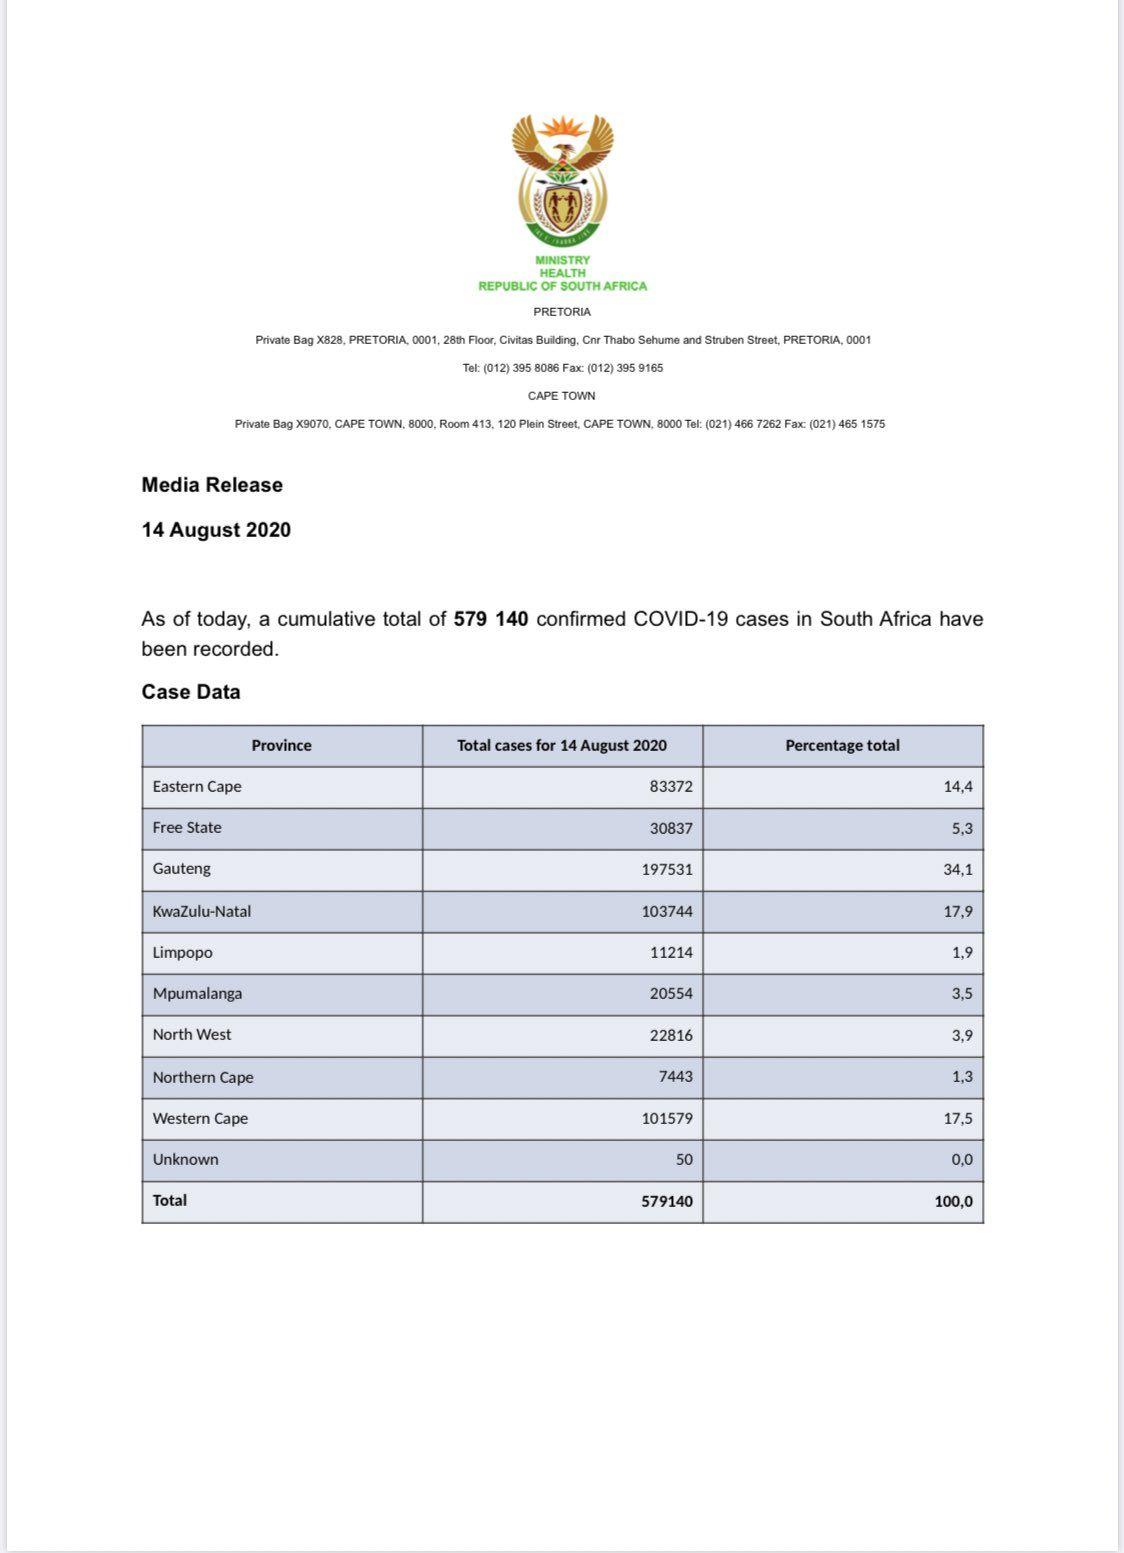 南非新增6275例新冠肺炎确诊病例 累计确诊579140例